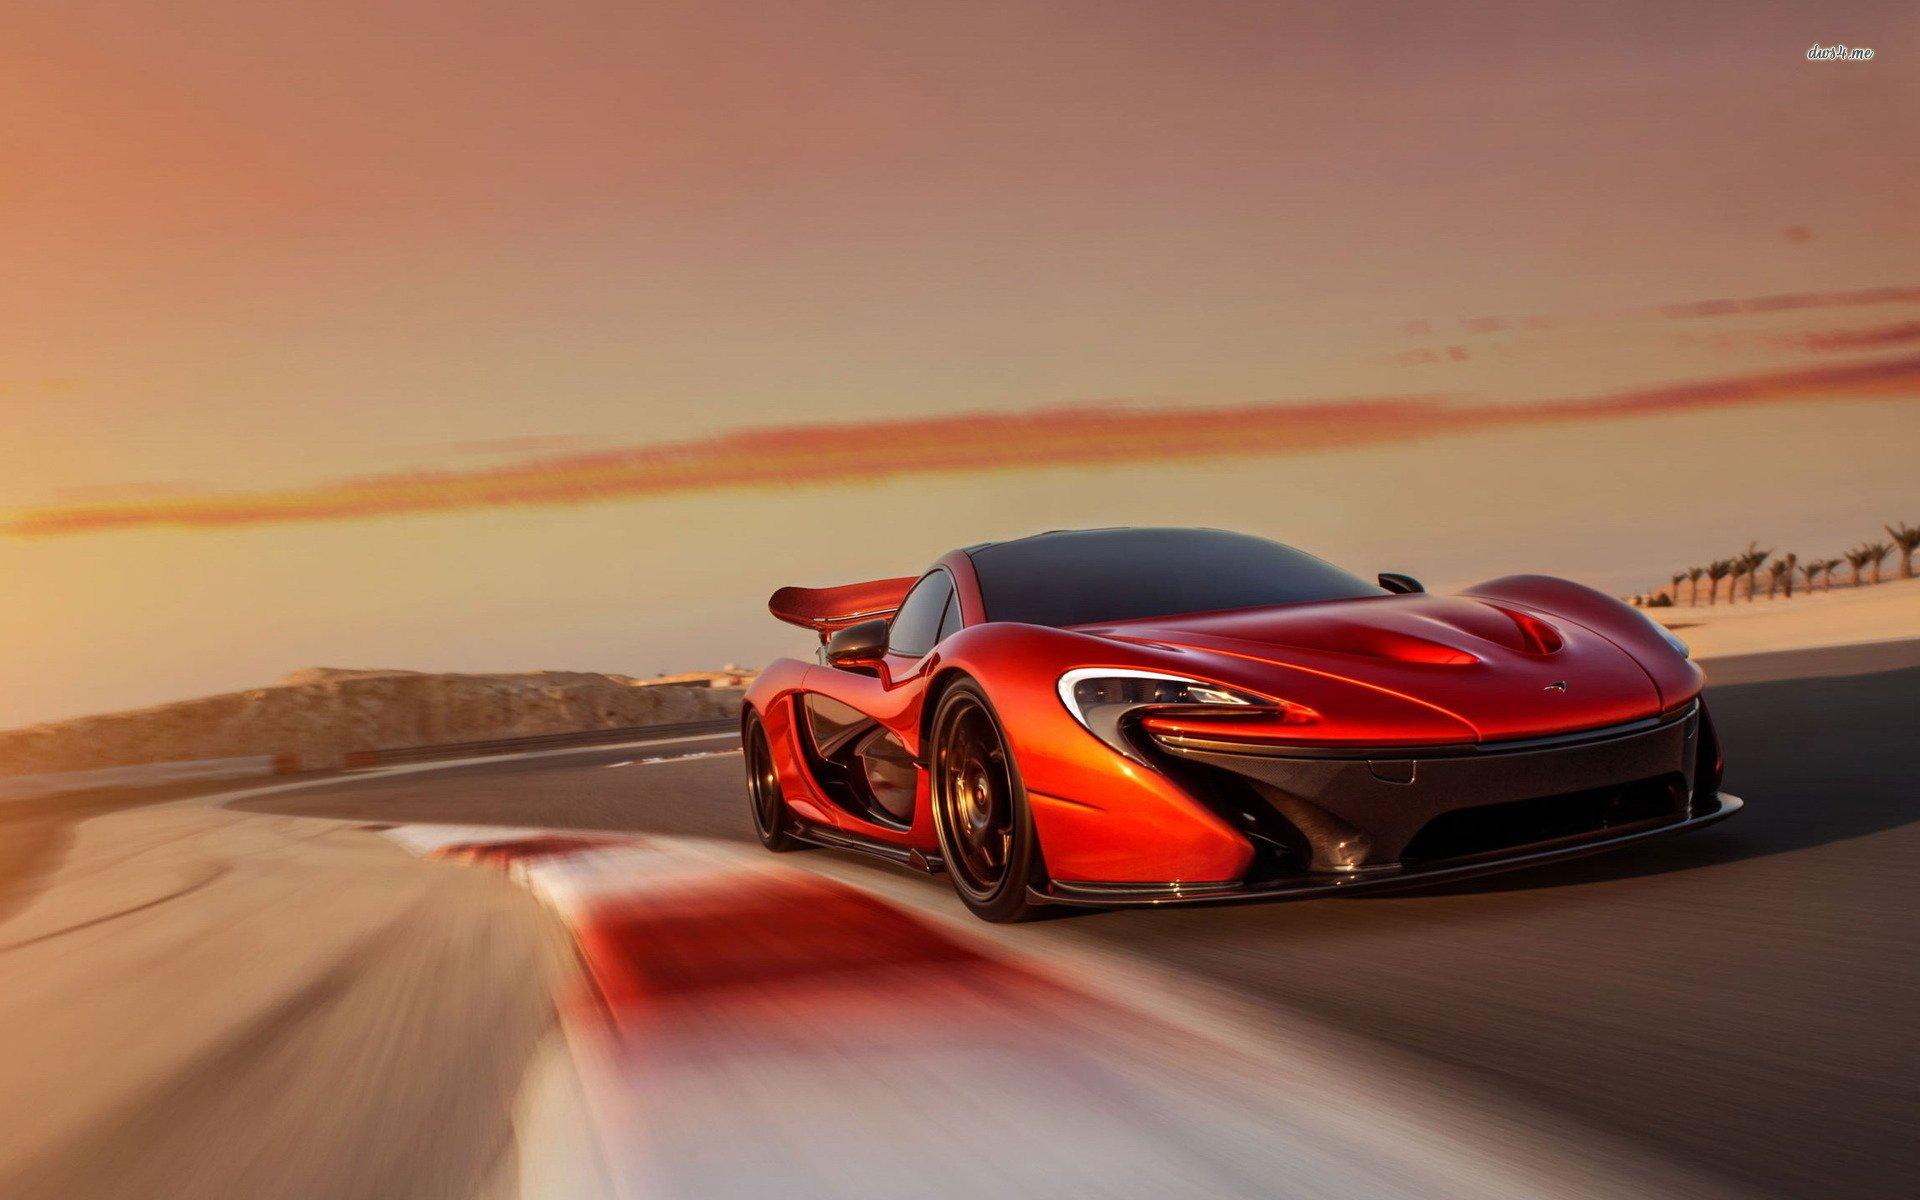 McLaren P1 HD Wallpaper | Background Image | 1920x1200 ...